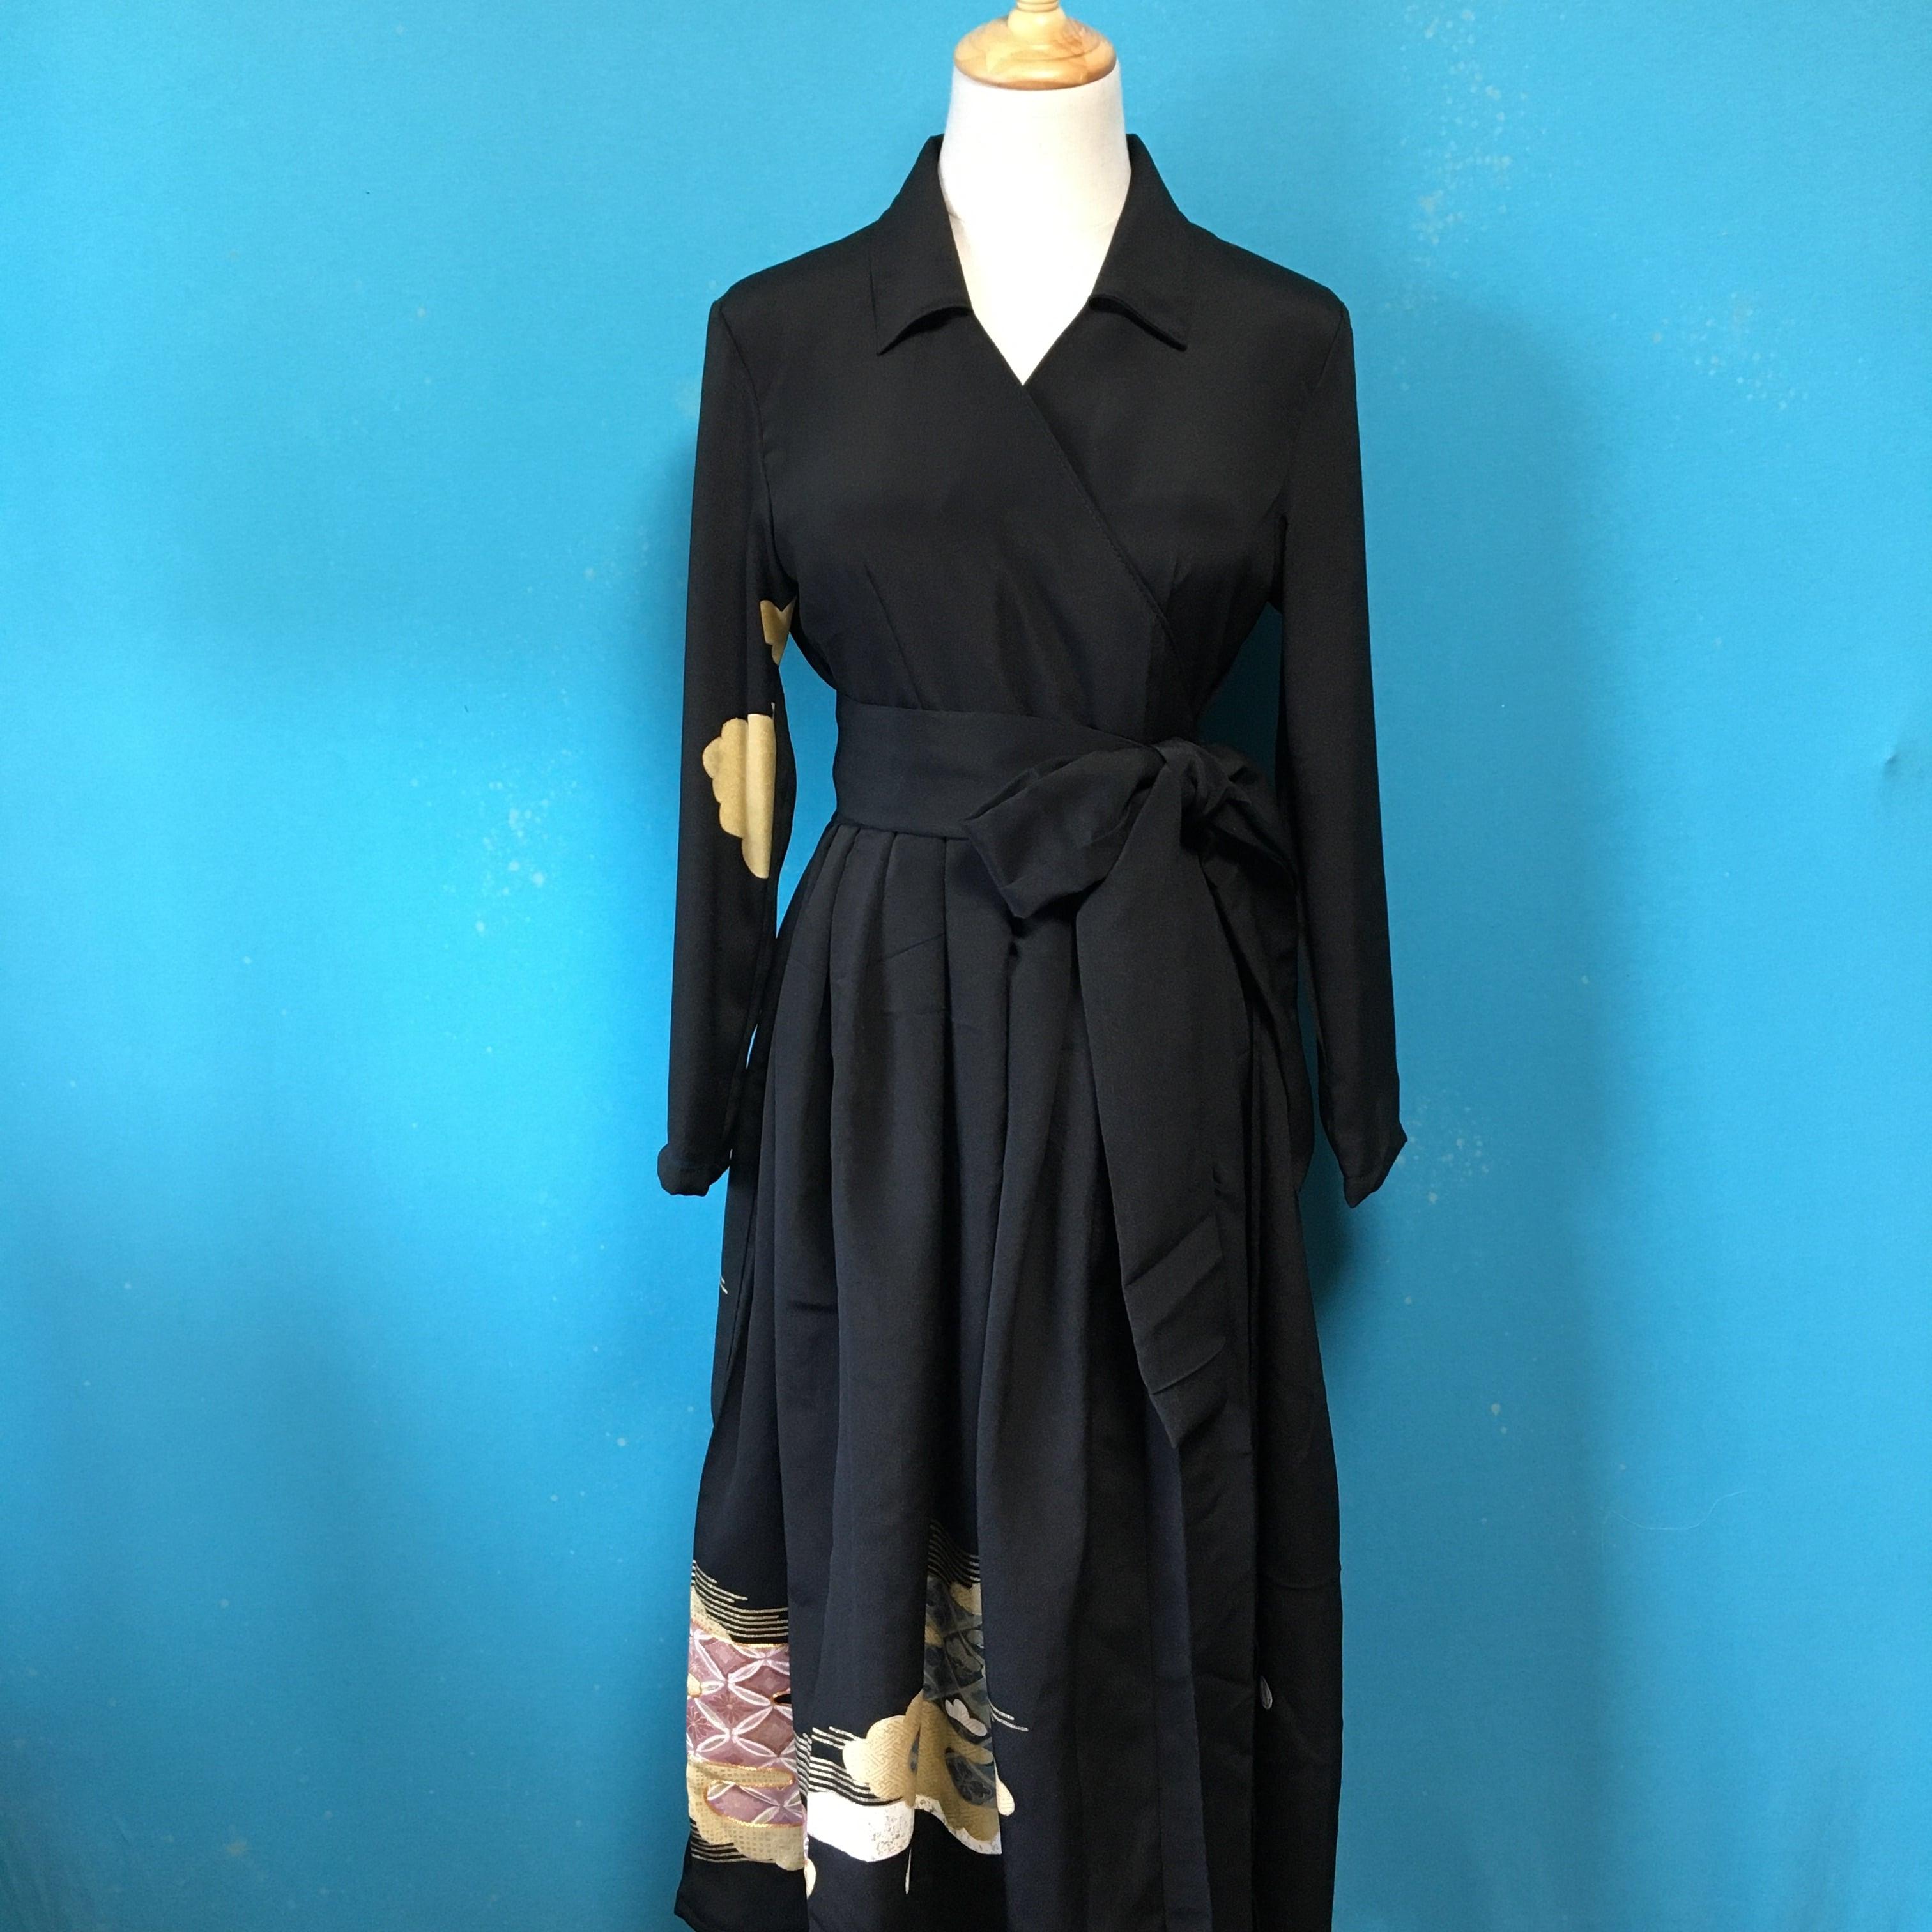 Vintage black kimono dress/ US 8